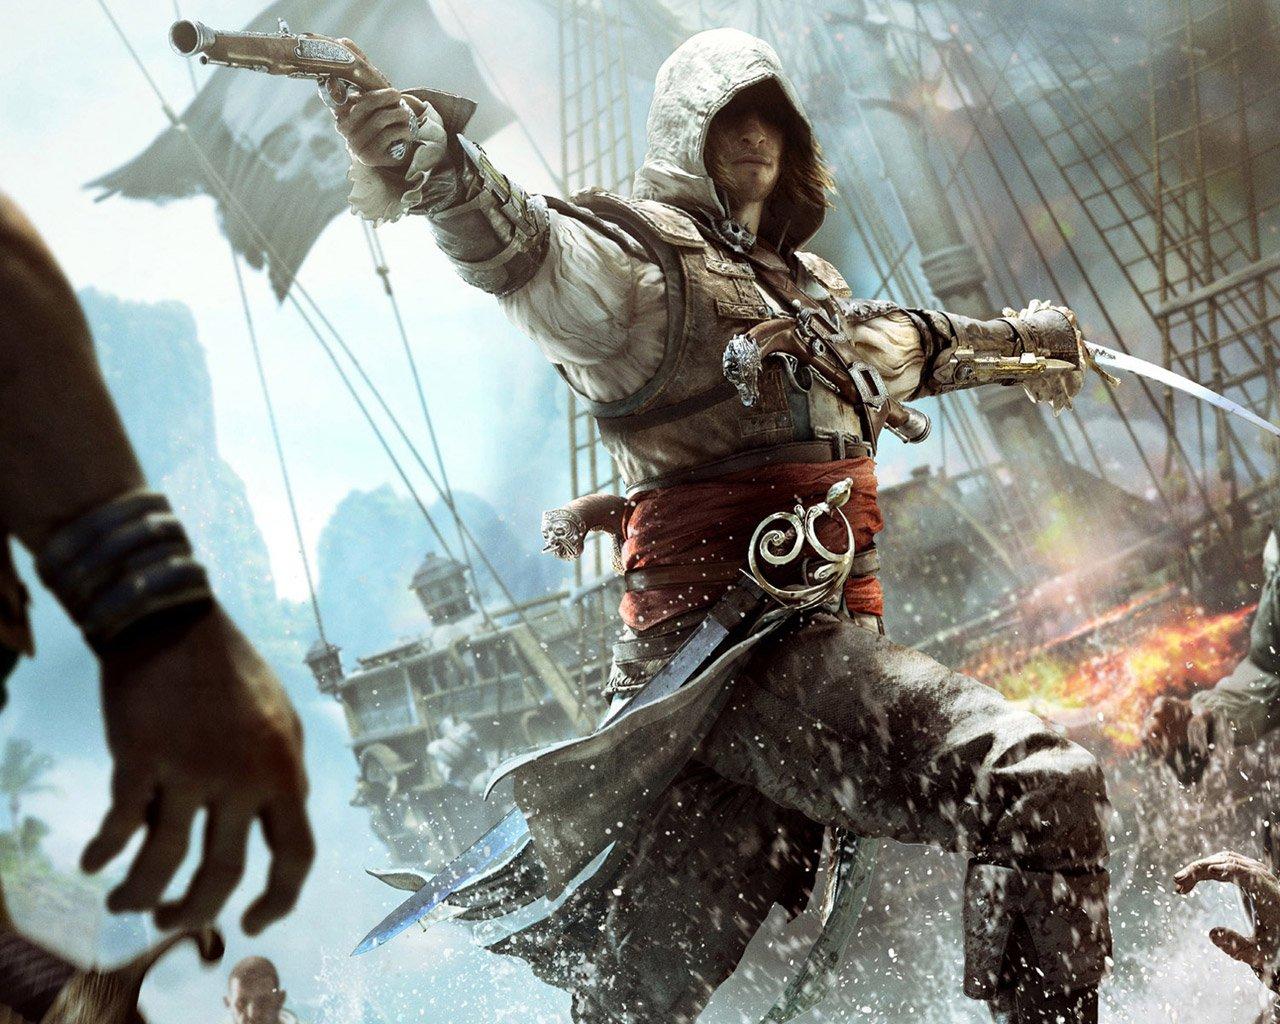 В сети появились первые оценки Assassin's Creed IV: Black Flag - Изображение 1